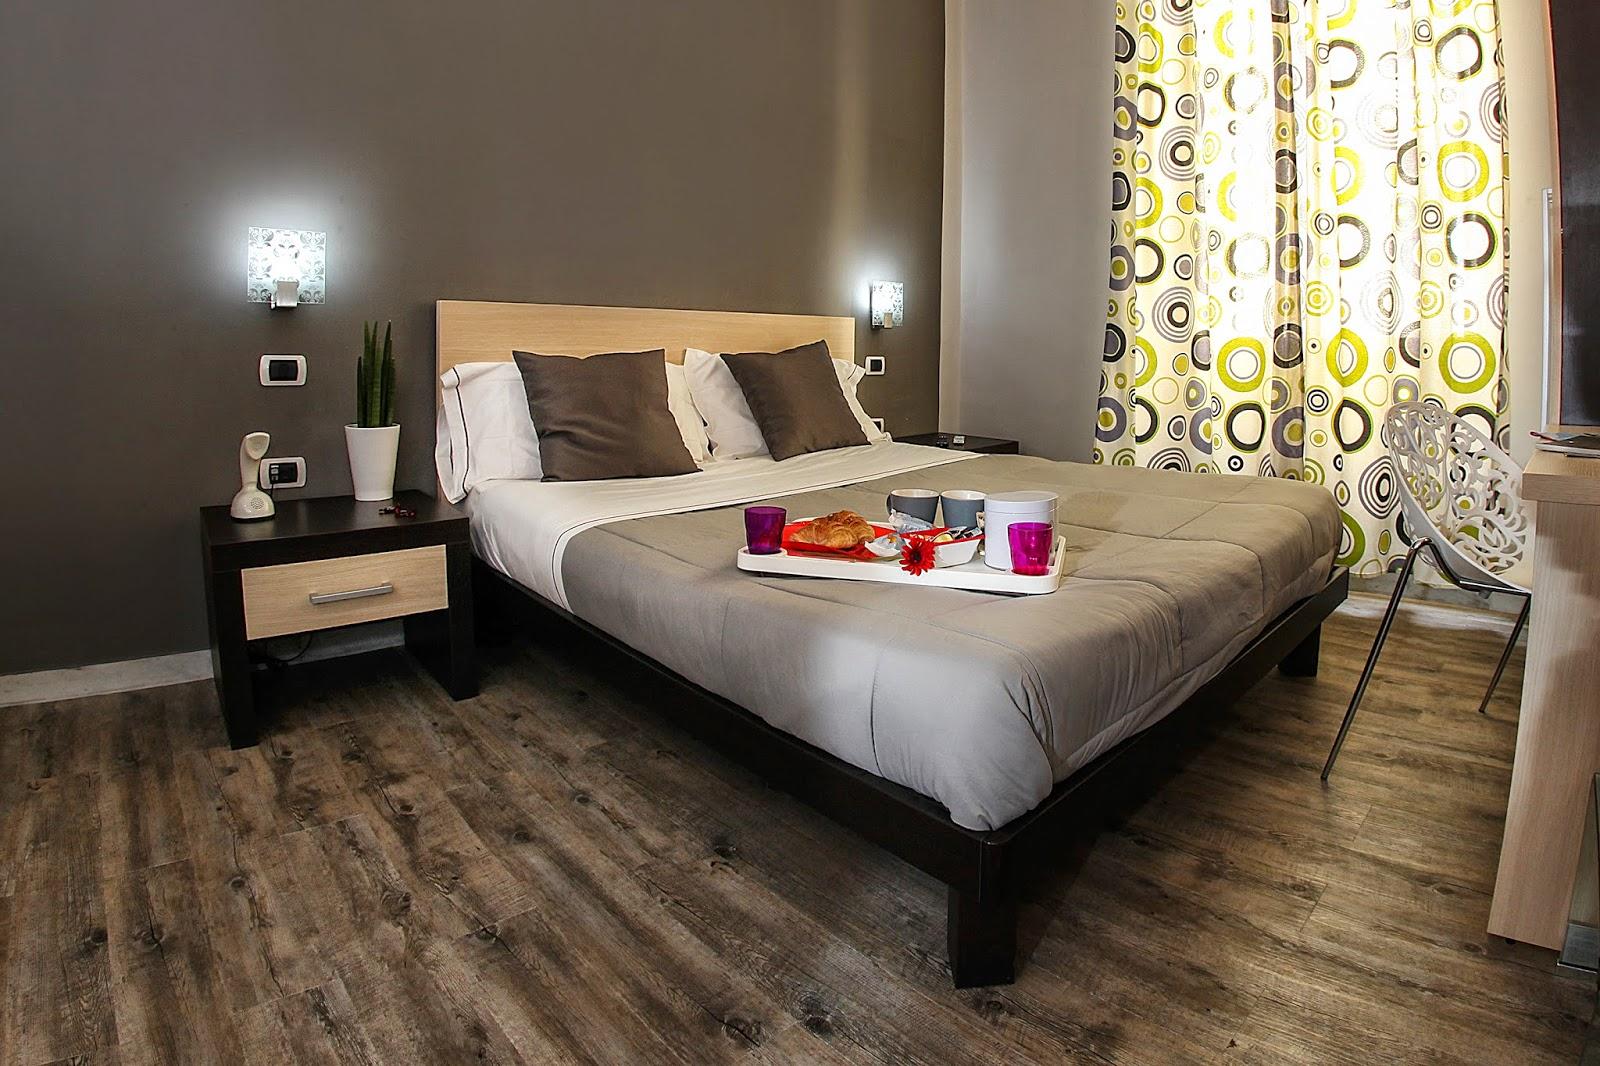 Hotel a ore napoli centro day use napoli centro storico - Alberghi con camere a tema ...